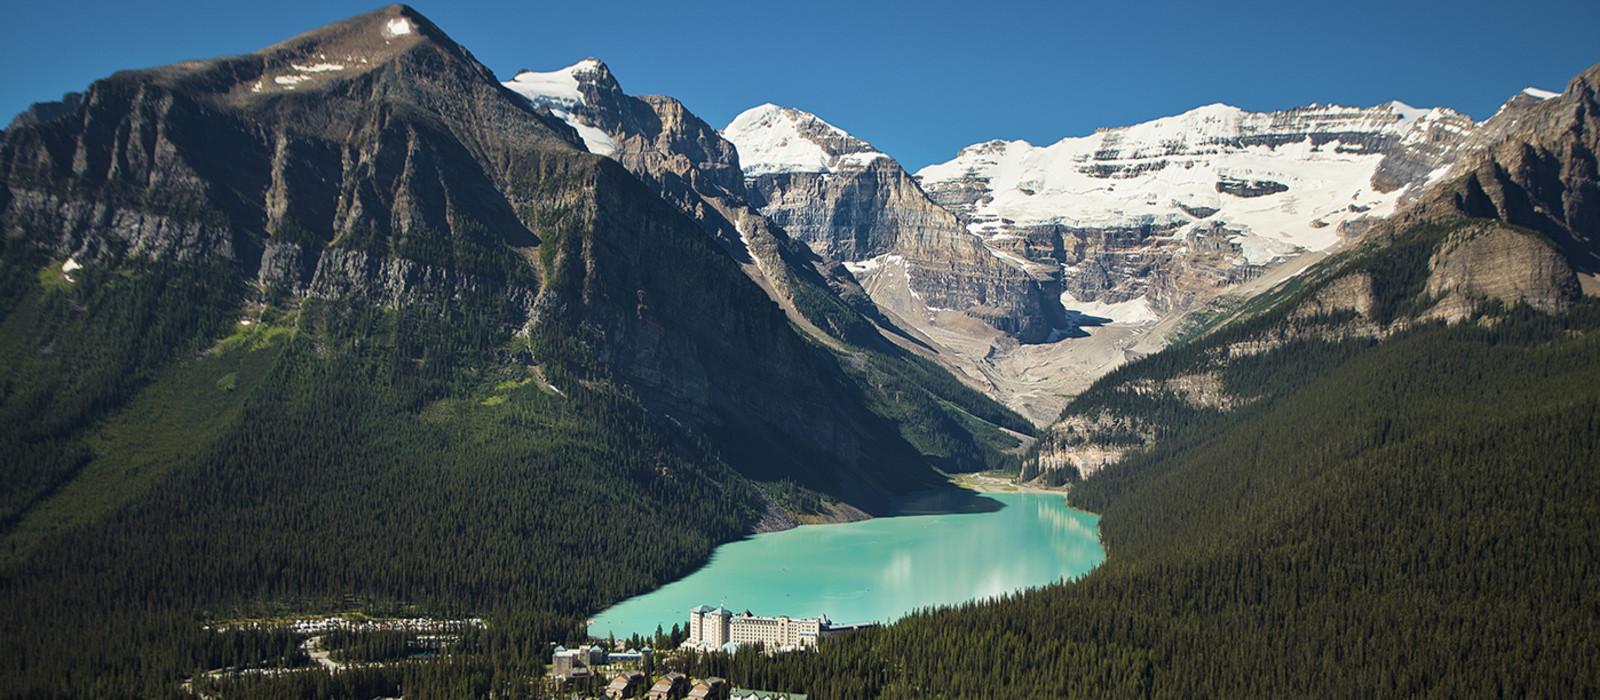 Hotel Fairmont Chateau Lake Louise Kanada